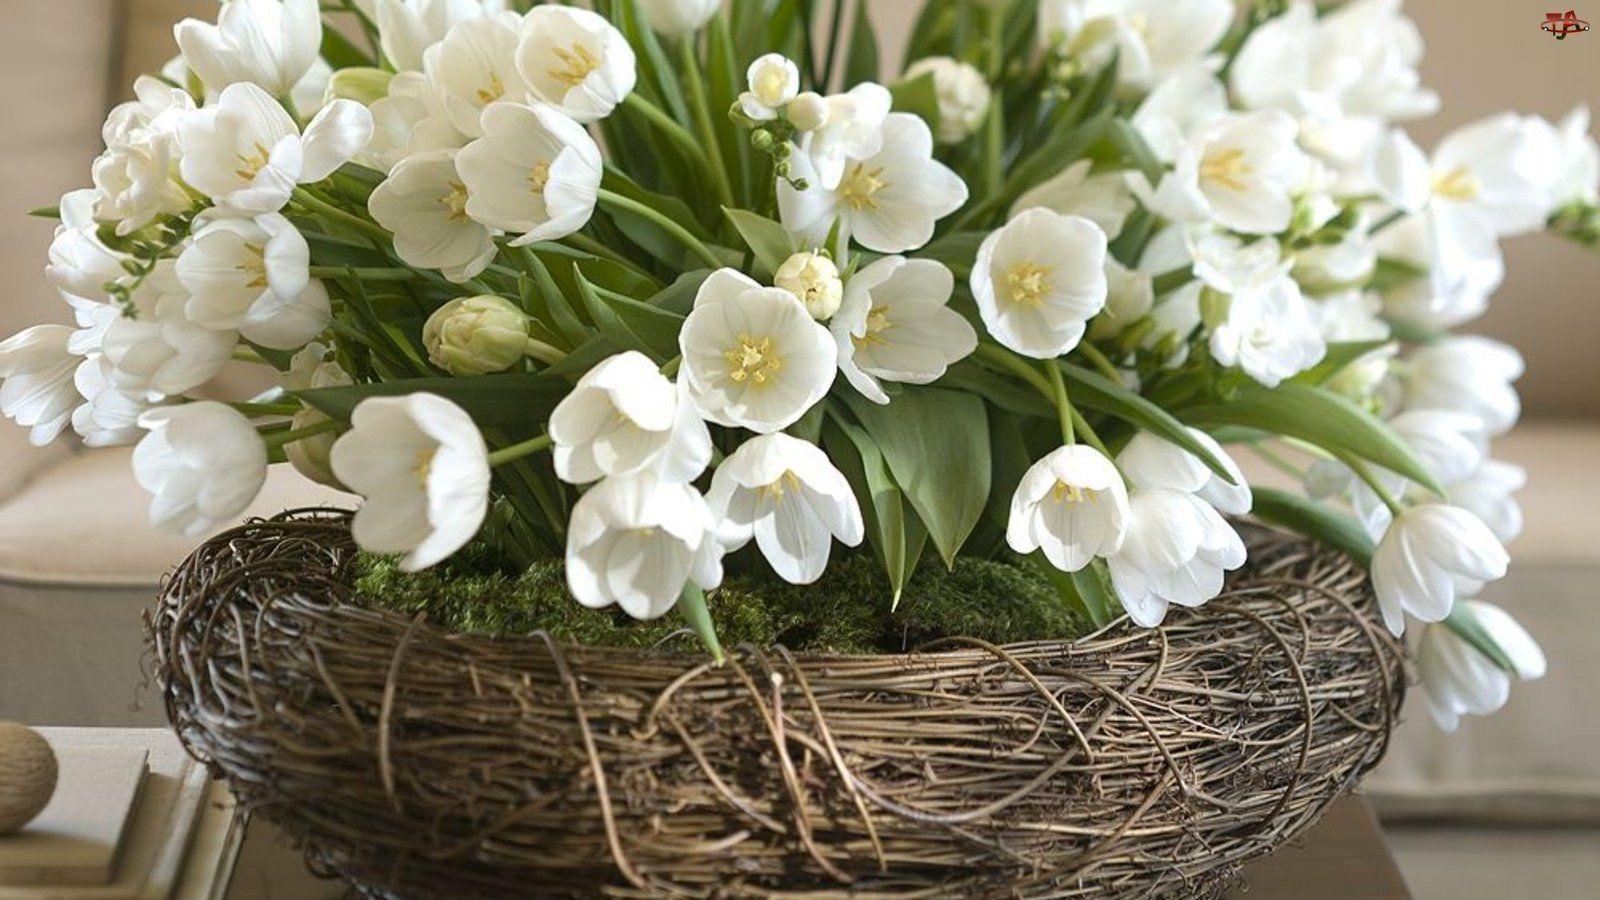 С днем рождения картинки весенние цветы